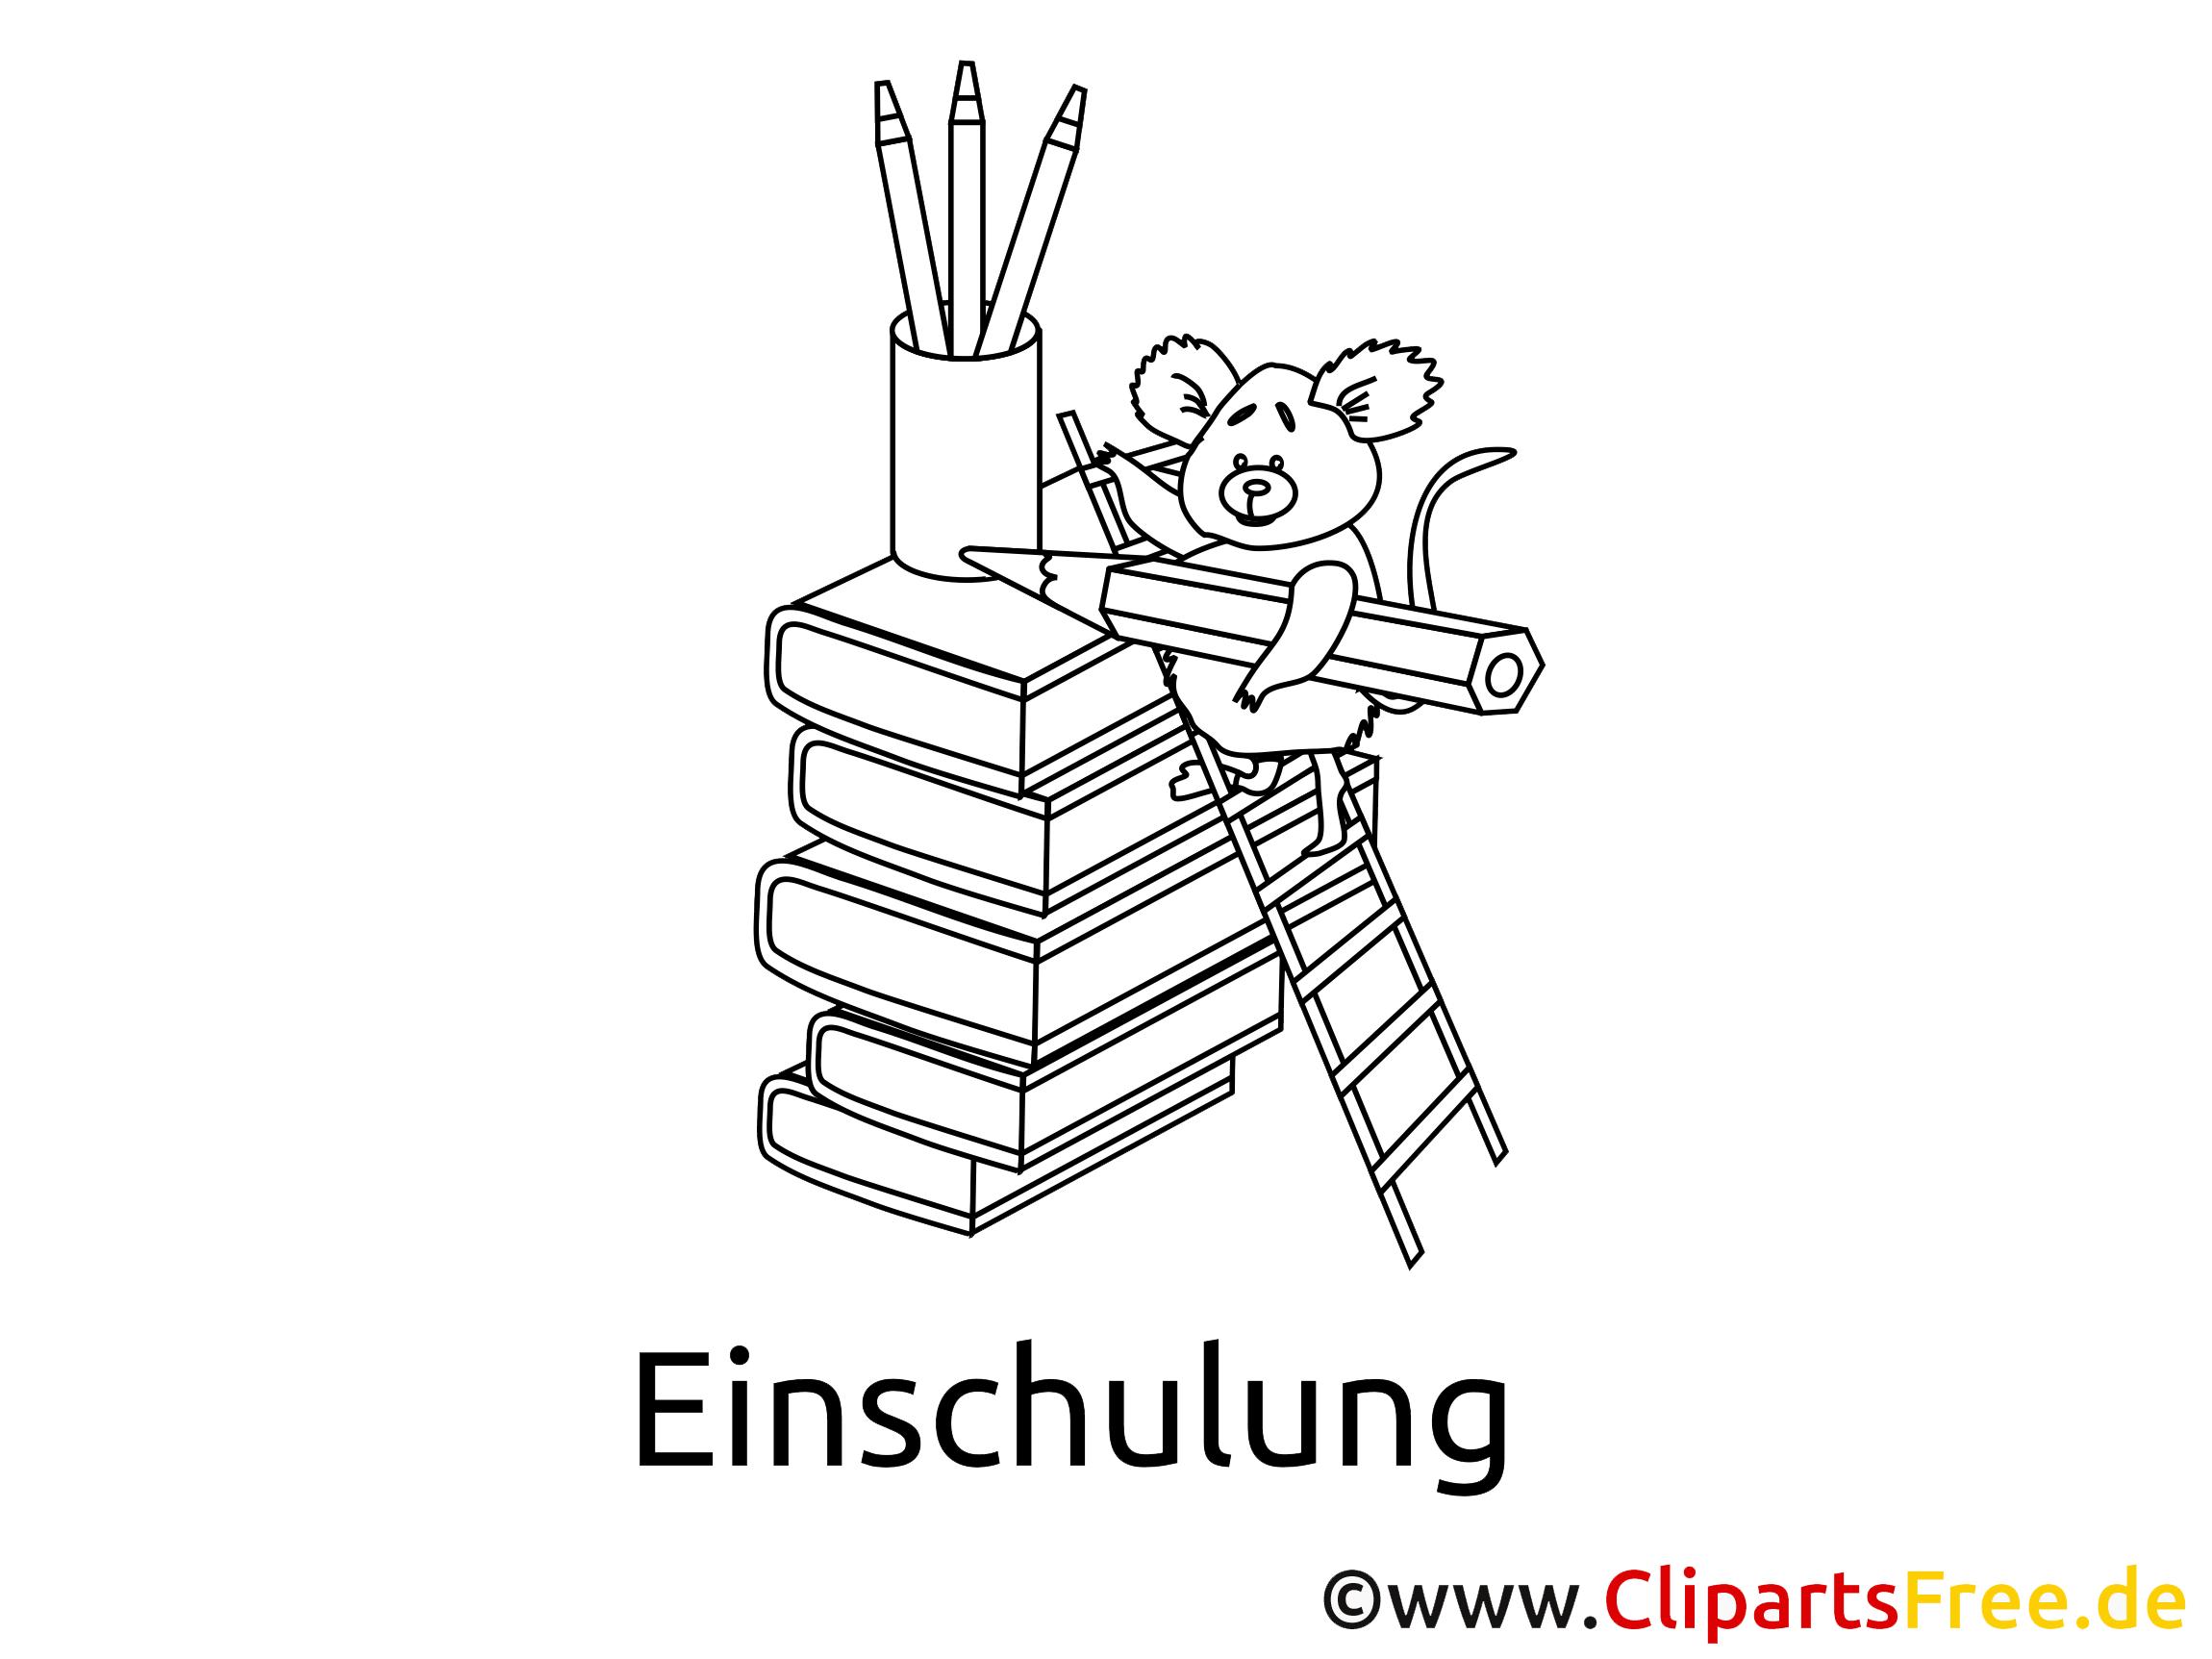 Malvorlagen Schuleinführung | My blog